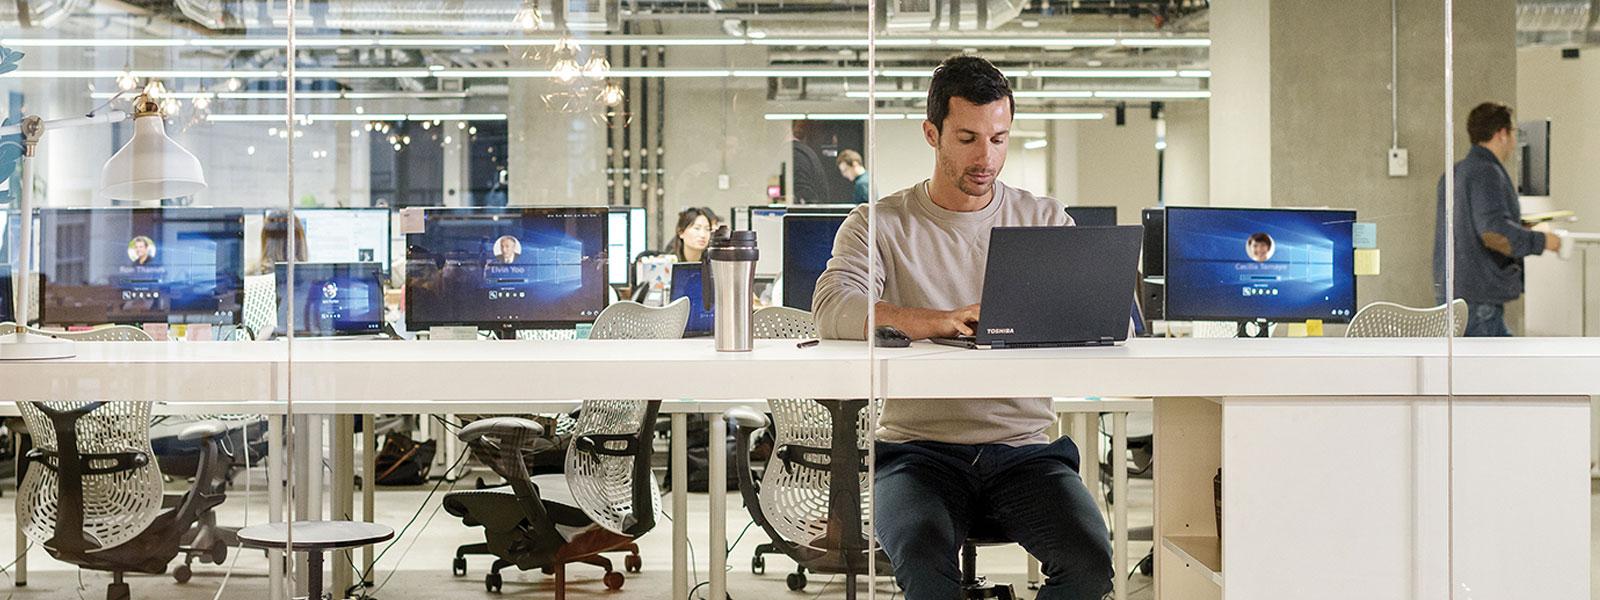 Man gebruikt laptop in open kantoorruimte